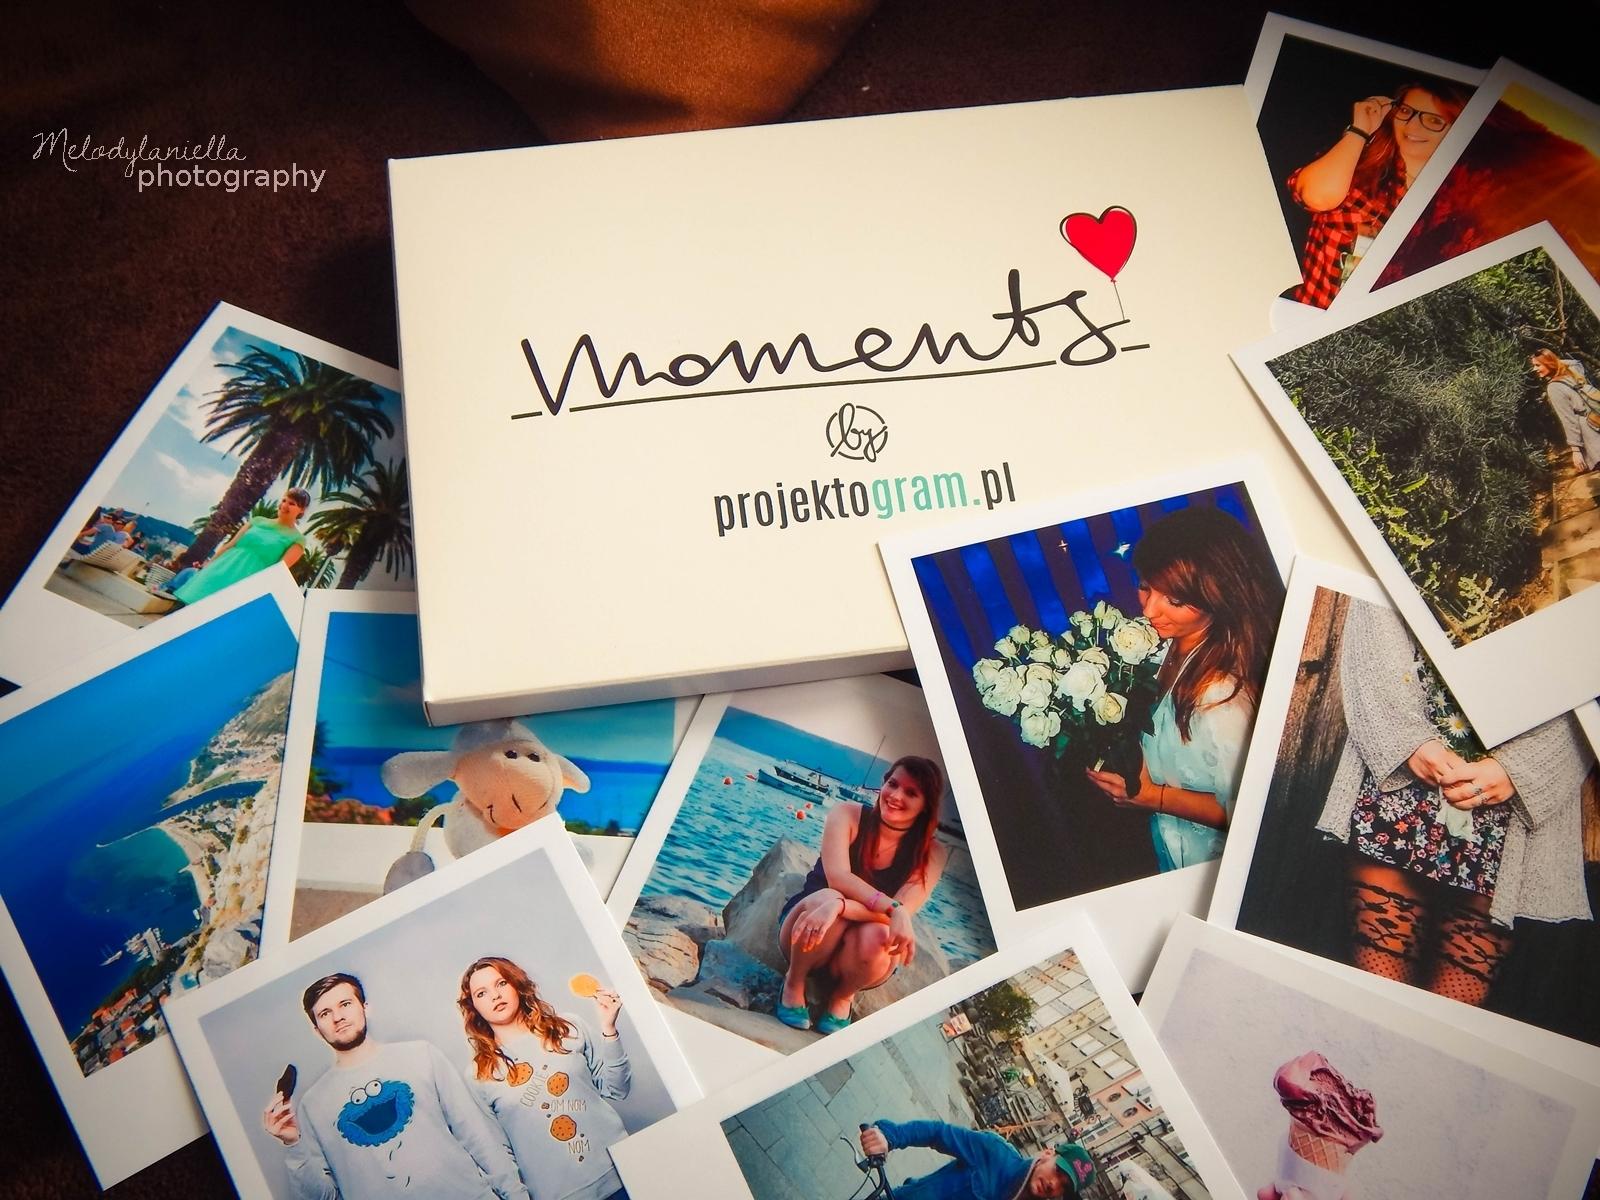 projektogram zdjecia polaroid polaroidy wywolane instagram kwadraty nietypowe wywolanie zdjec wspomnienia z wakacji prezent dla lubiacych zdjecia nowosc aplikacja fotki zdjec